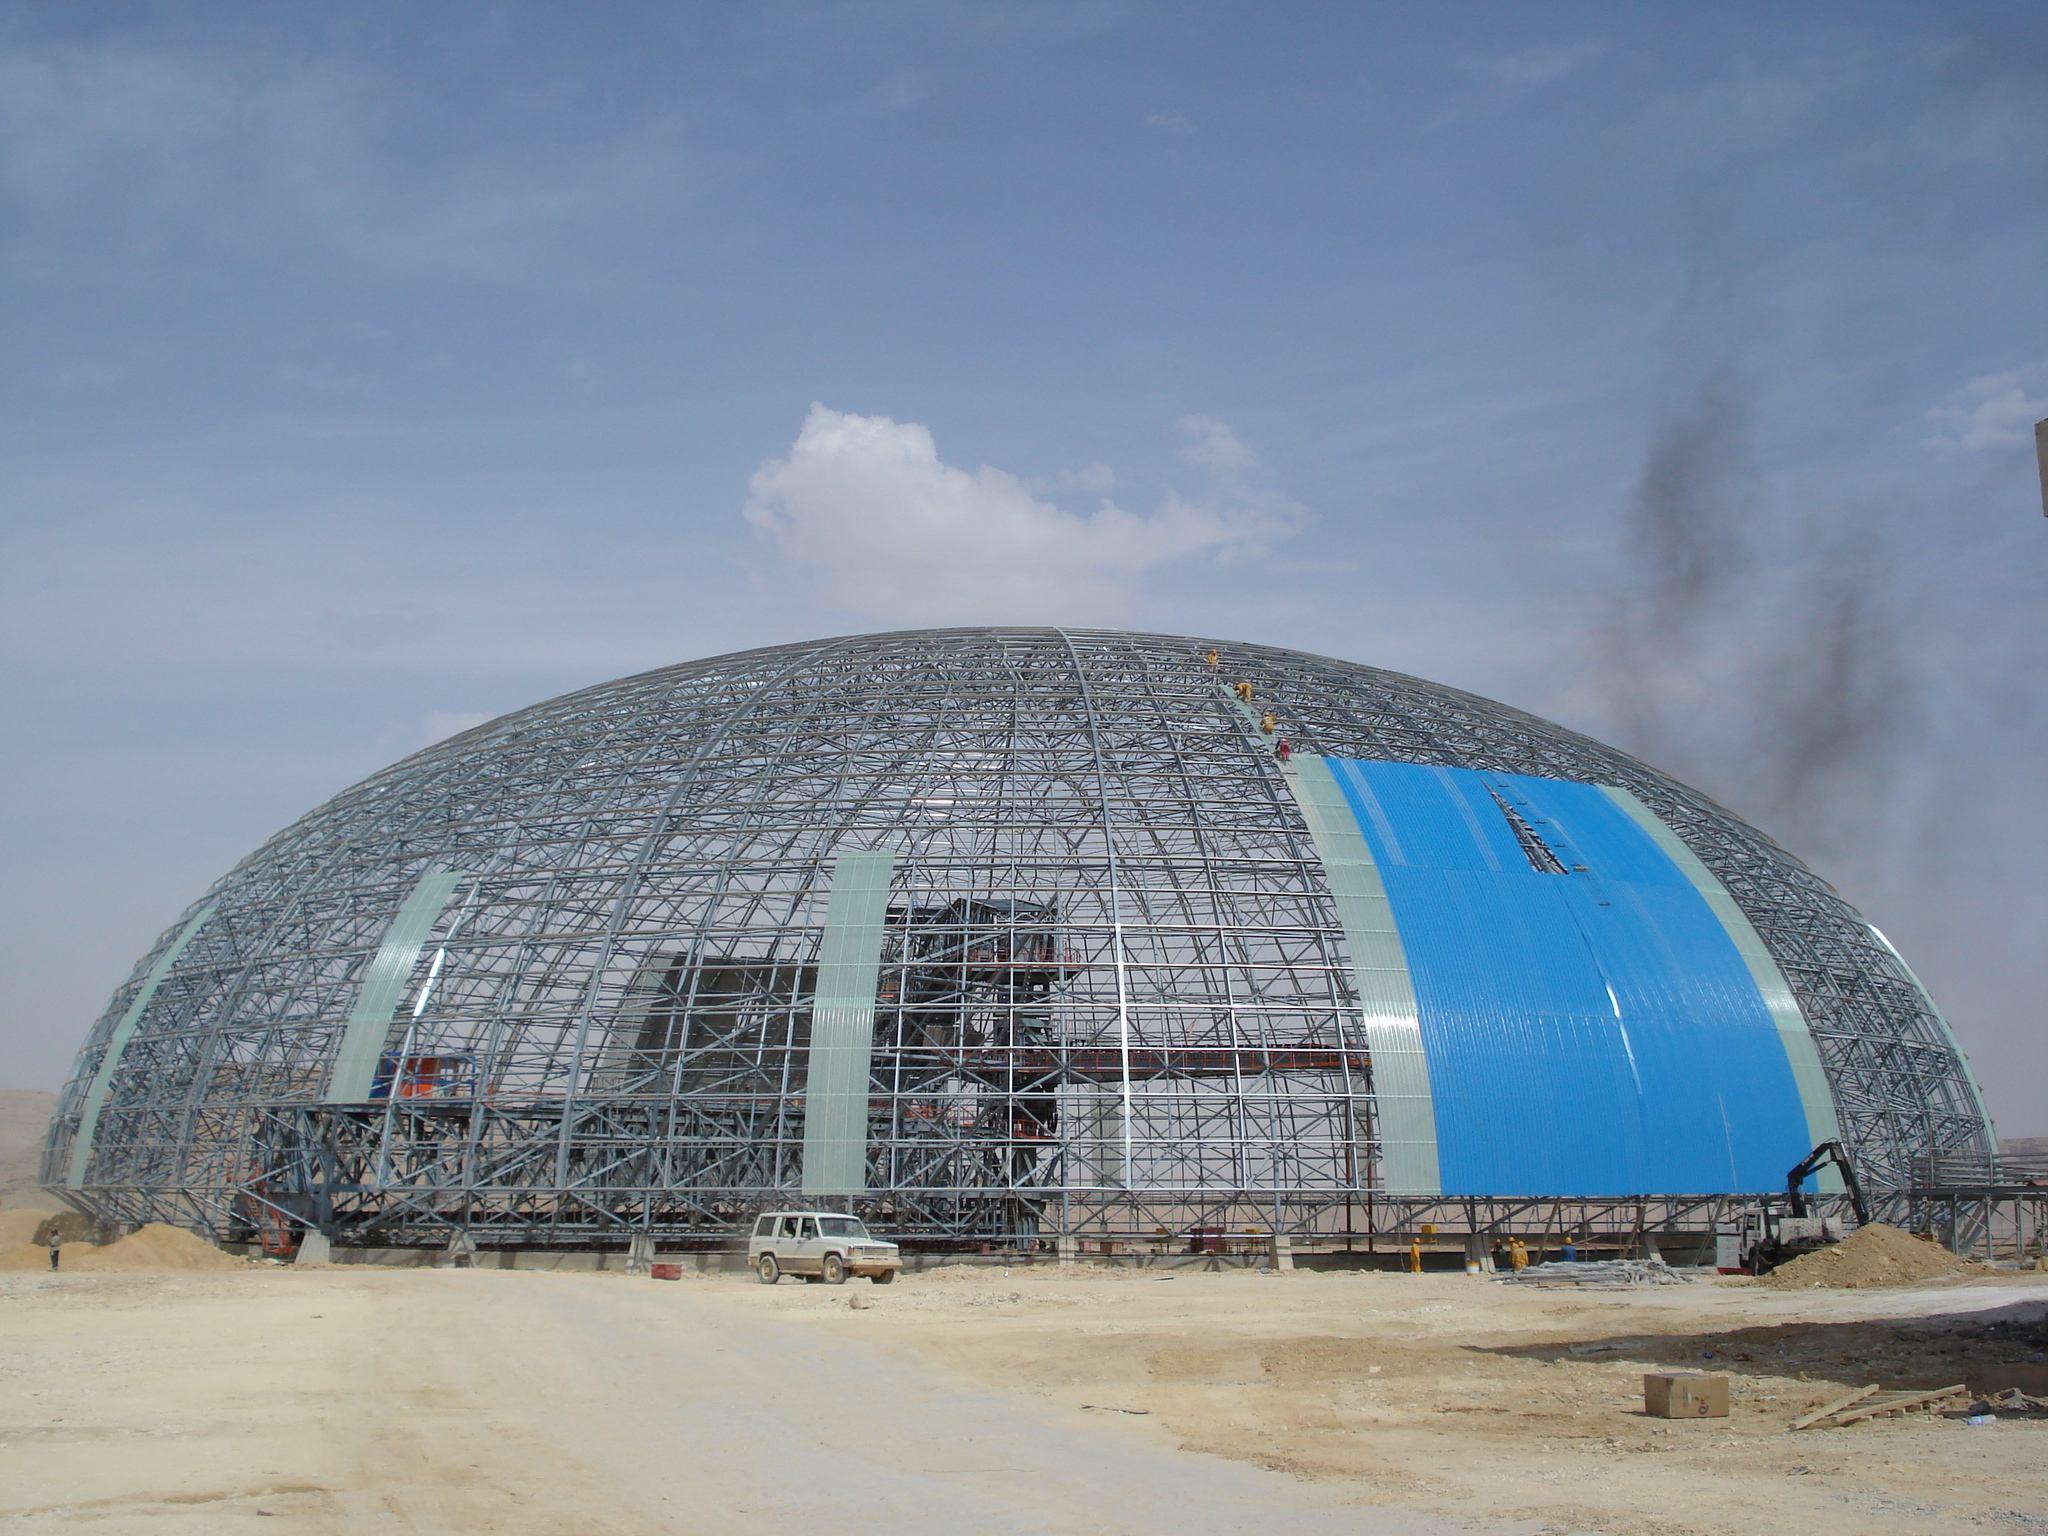 钢结构产业在未来的发展只会越来越强劲